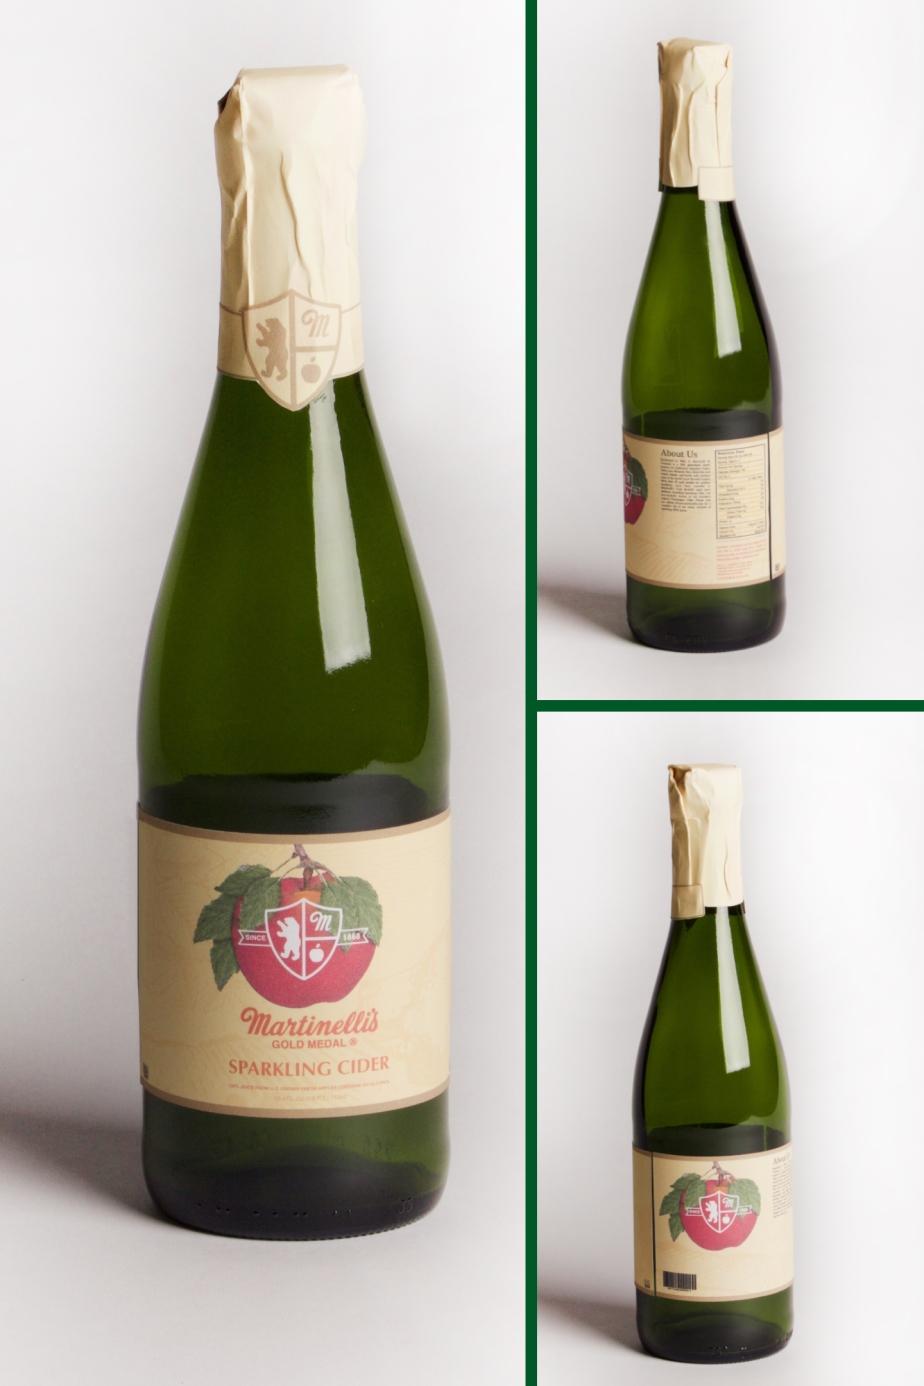 Martinelli's Bottel